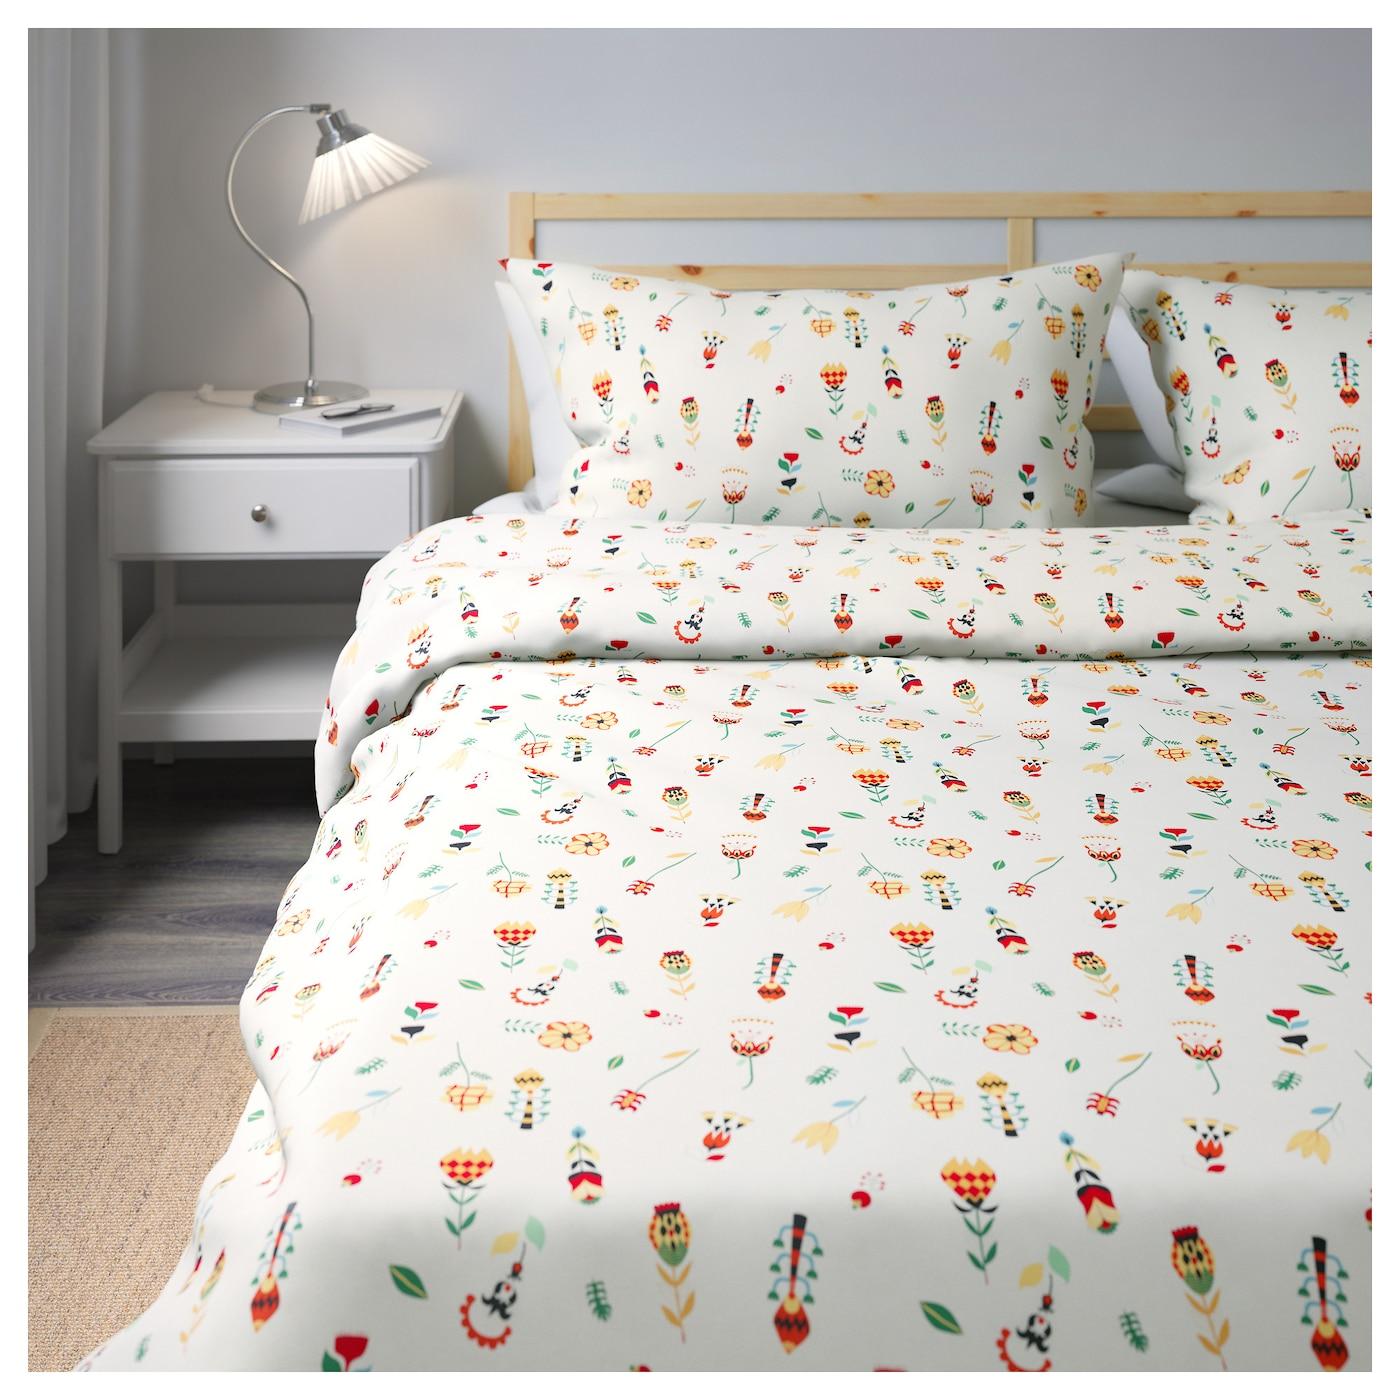 rosenfibbla housse de couette et 2 taies blanc motif floral 240x220 50x60 cm ikea. Black Bedroom Furniture Sets. Home Design Ideas